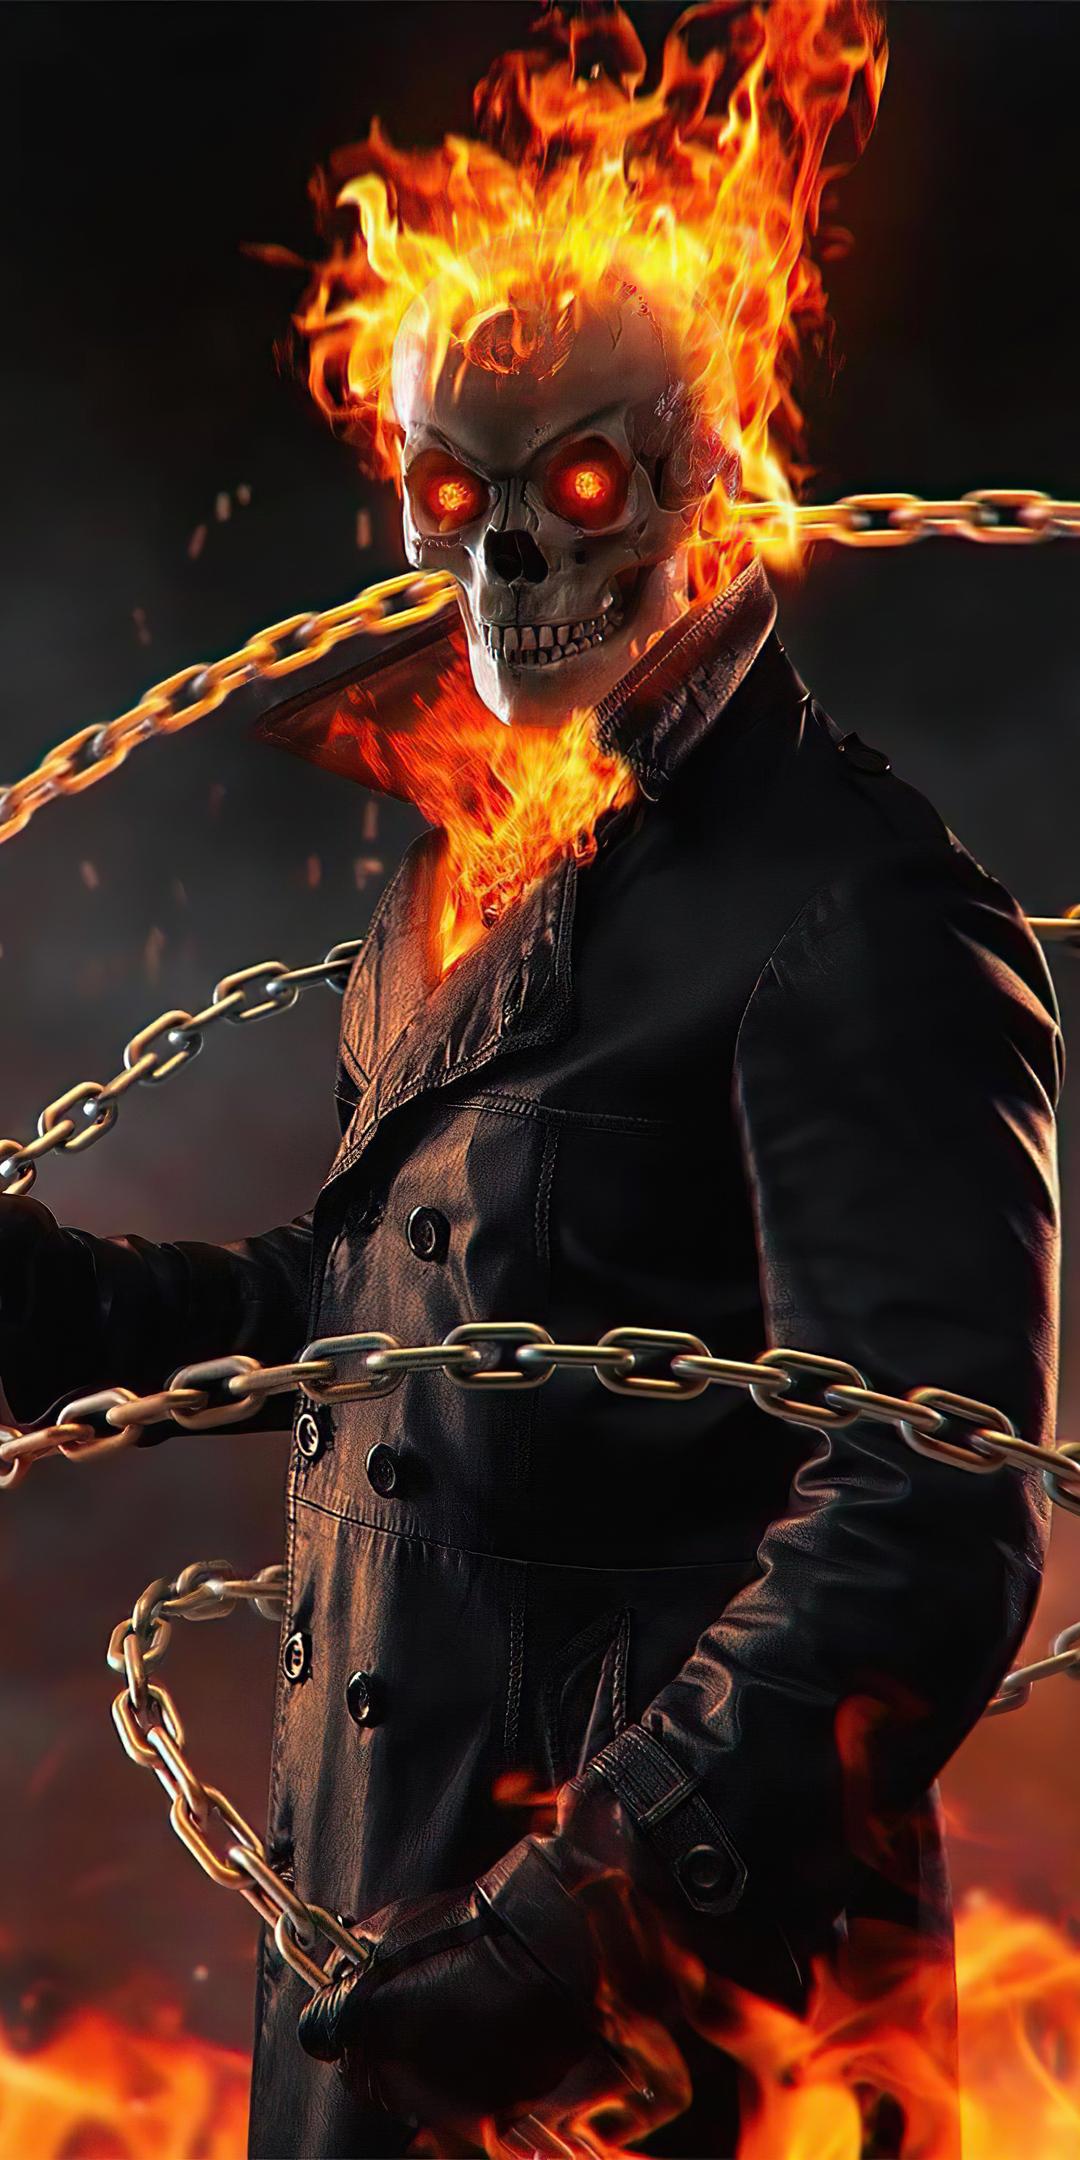 ghost-rider-flame-thrower-4k-ek.jpg